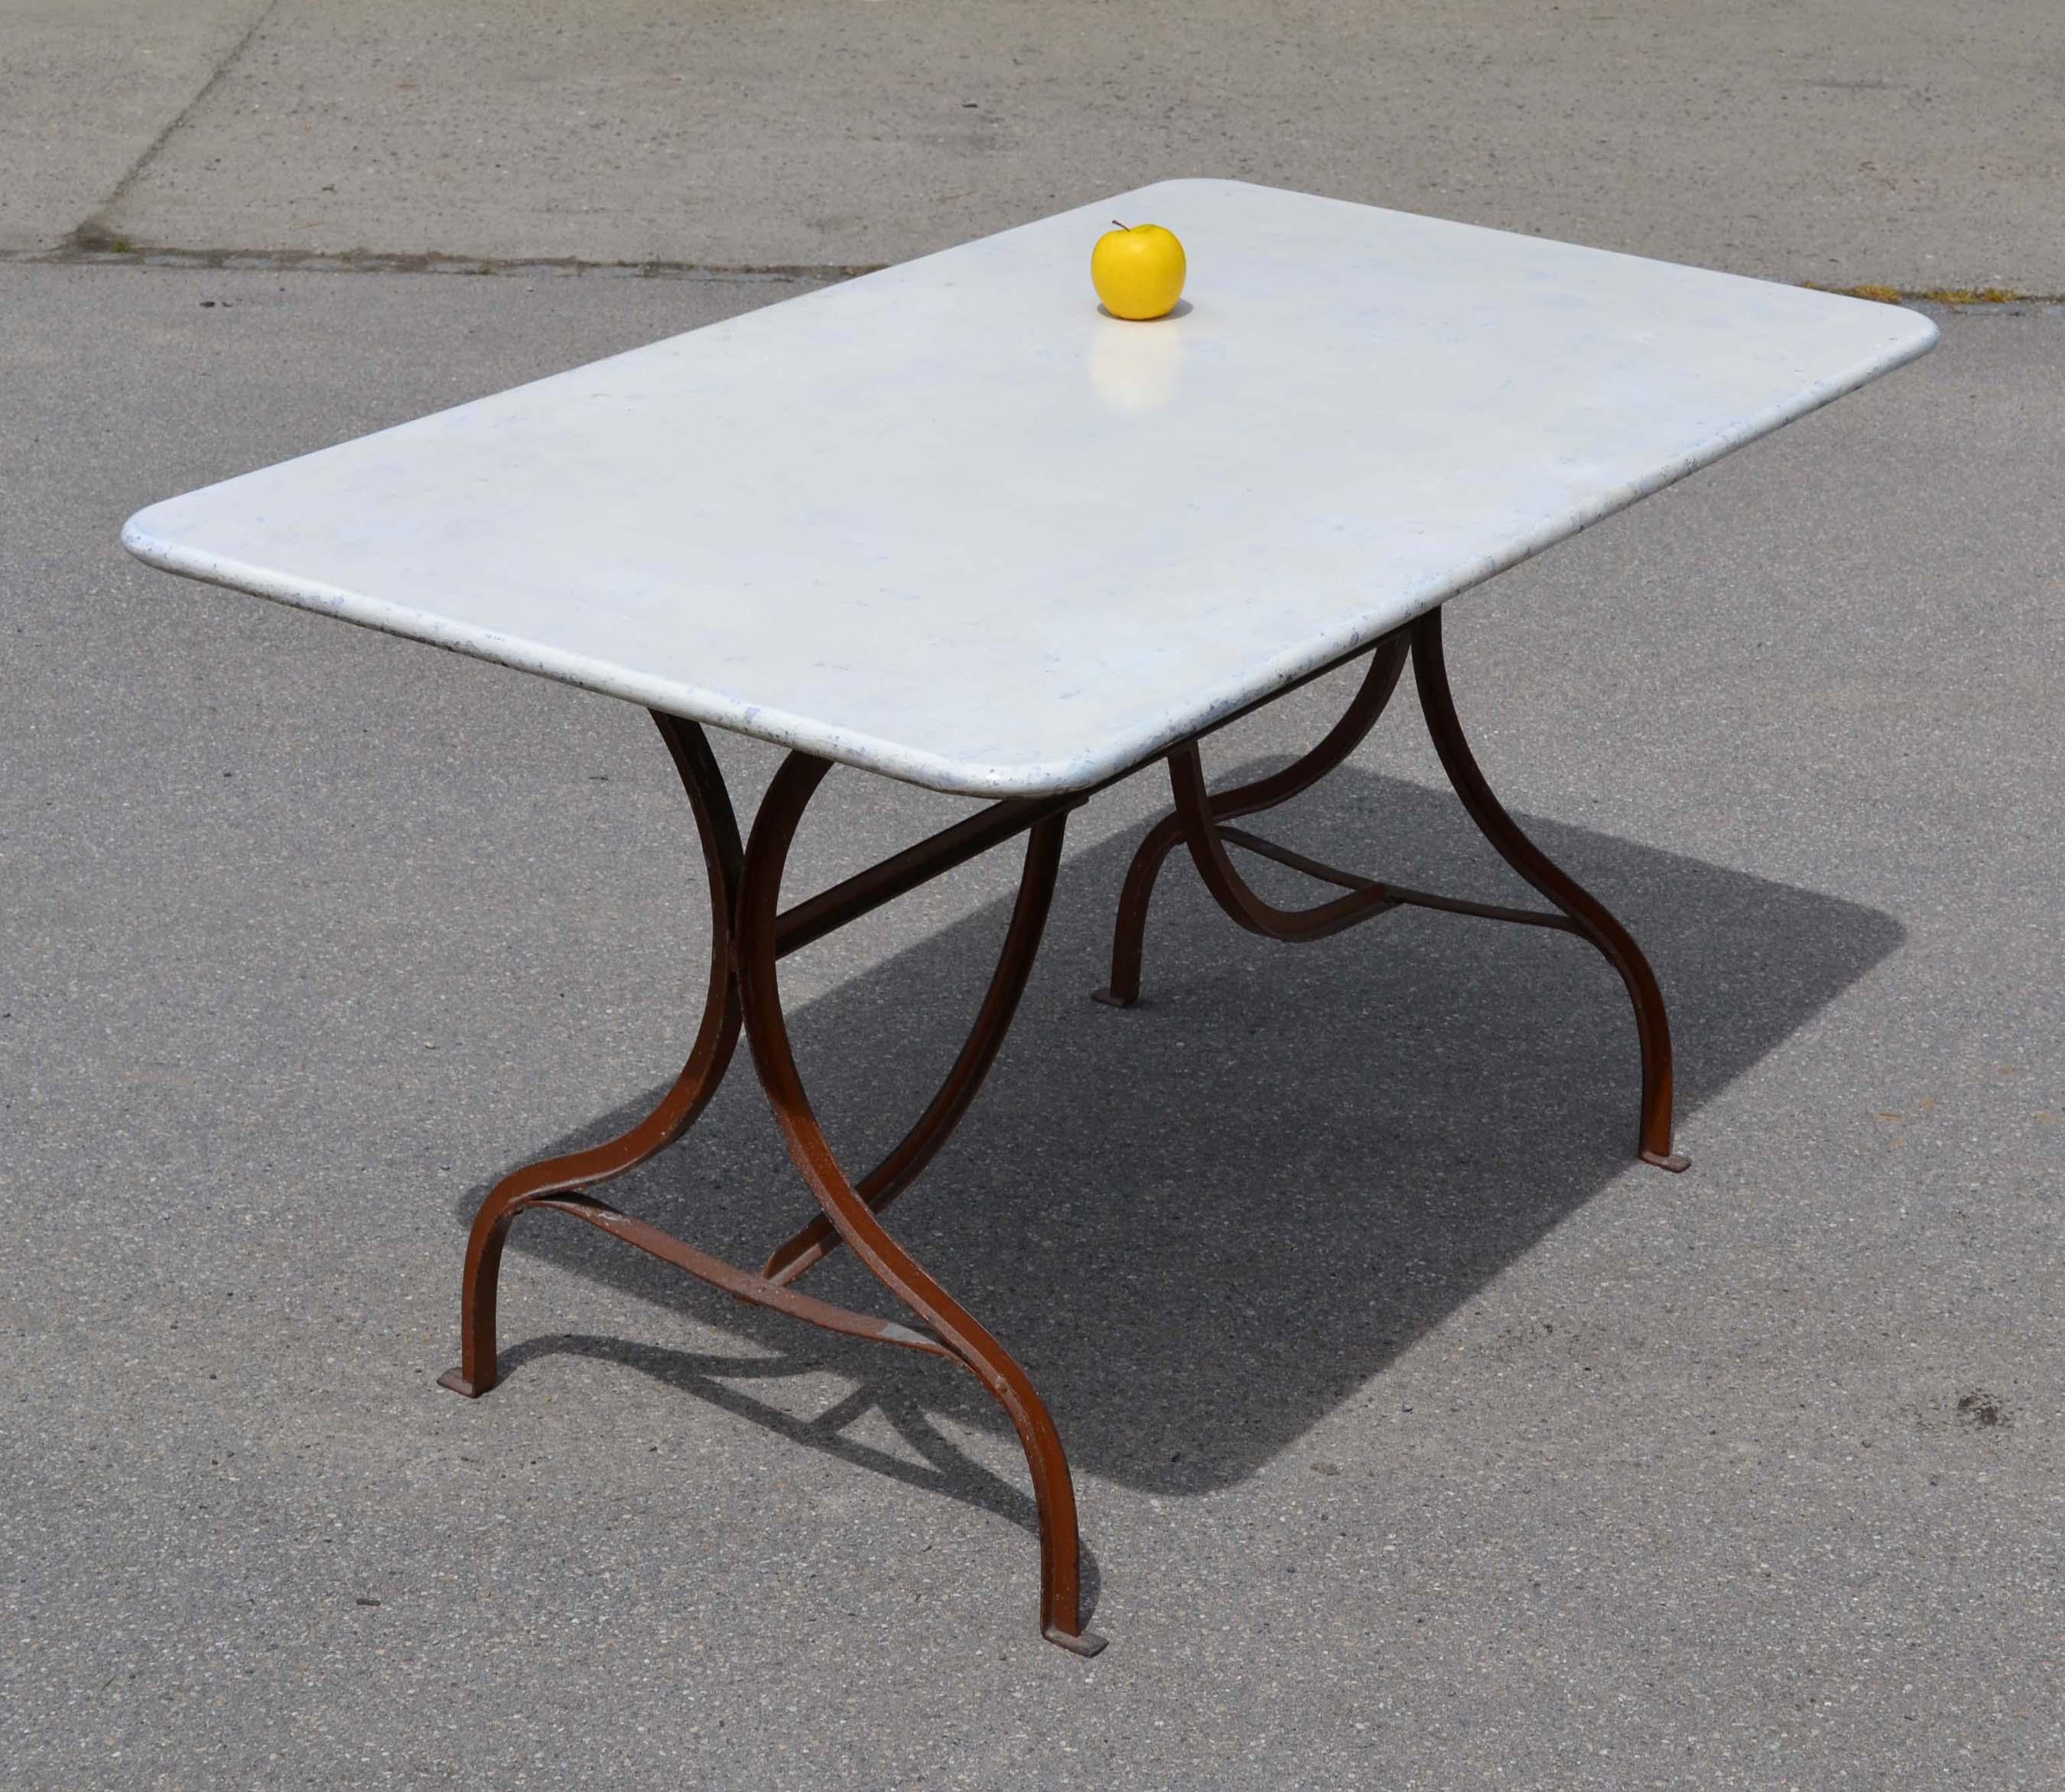 Fabriquer table en fer sammlung von design zeichnungen als inspirierendes design for Fabriquer petite table de jardin